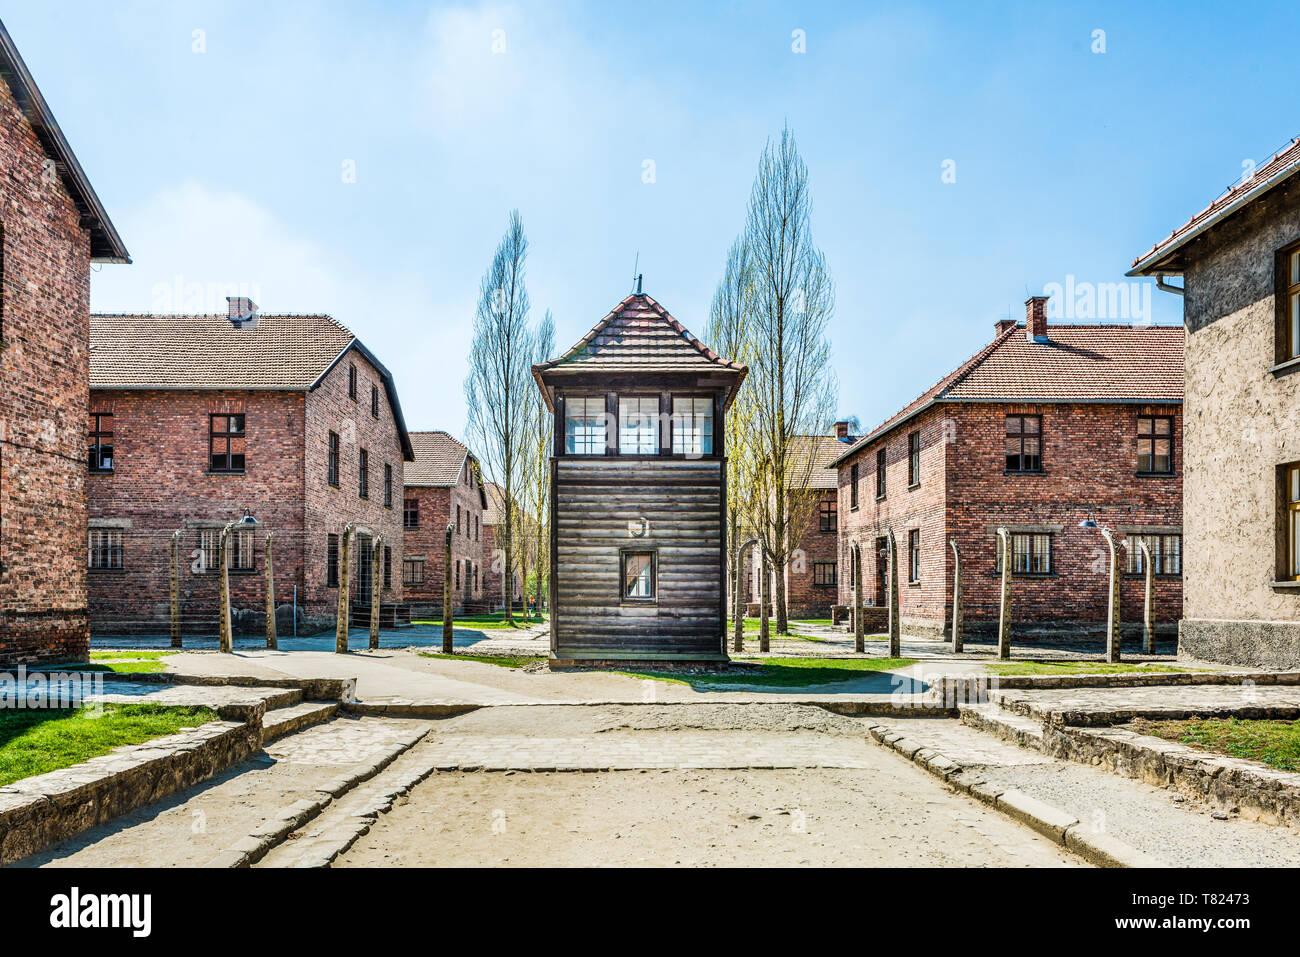 AUSCHWITZ (OSWIECIM), POLAND - APRIL 18, 2019: Guard tower and barracks Auschwitz I (main camp) in Oswiecim, Poland - Stock Image